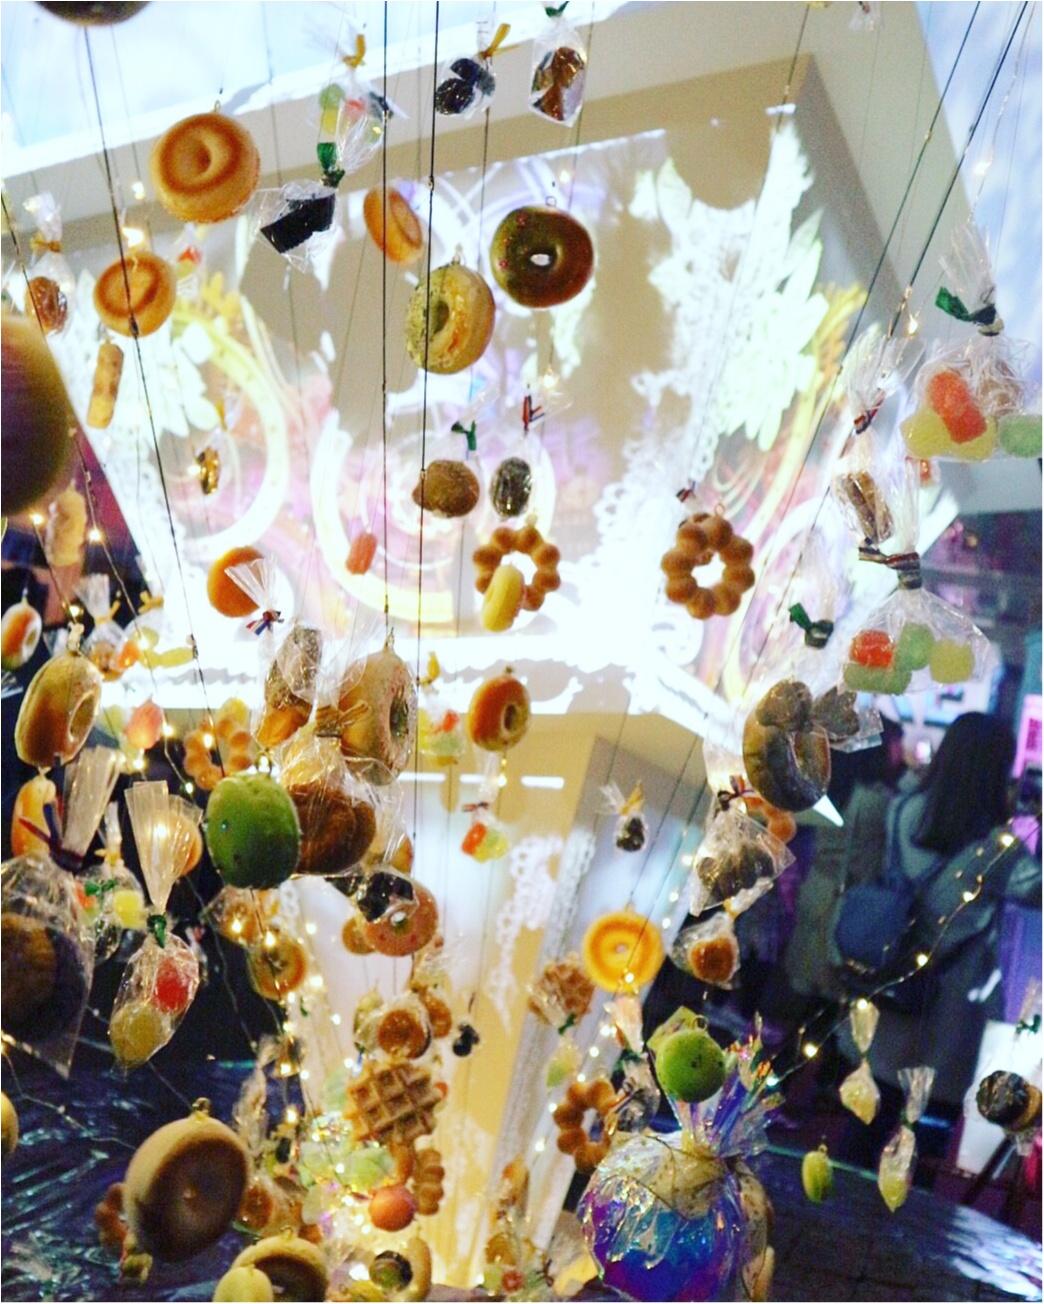 『お菓子の街』が表参道に現れた!キャンディのネオン看板❤︎ハチミツの街灯❤︎ブラウニーの石畳❤︎チョコレートの惑星❤︎カップケーキの火山…お菓子の魔法にかけられて✨≪samenyan≫_11